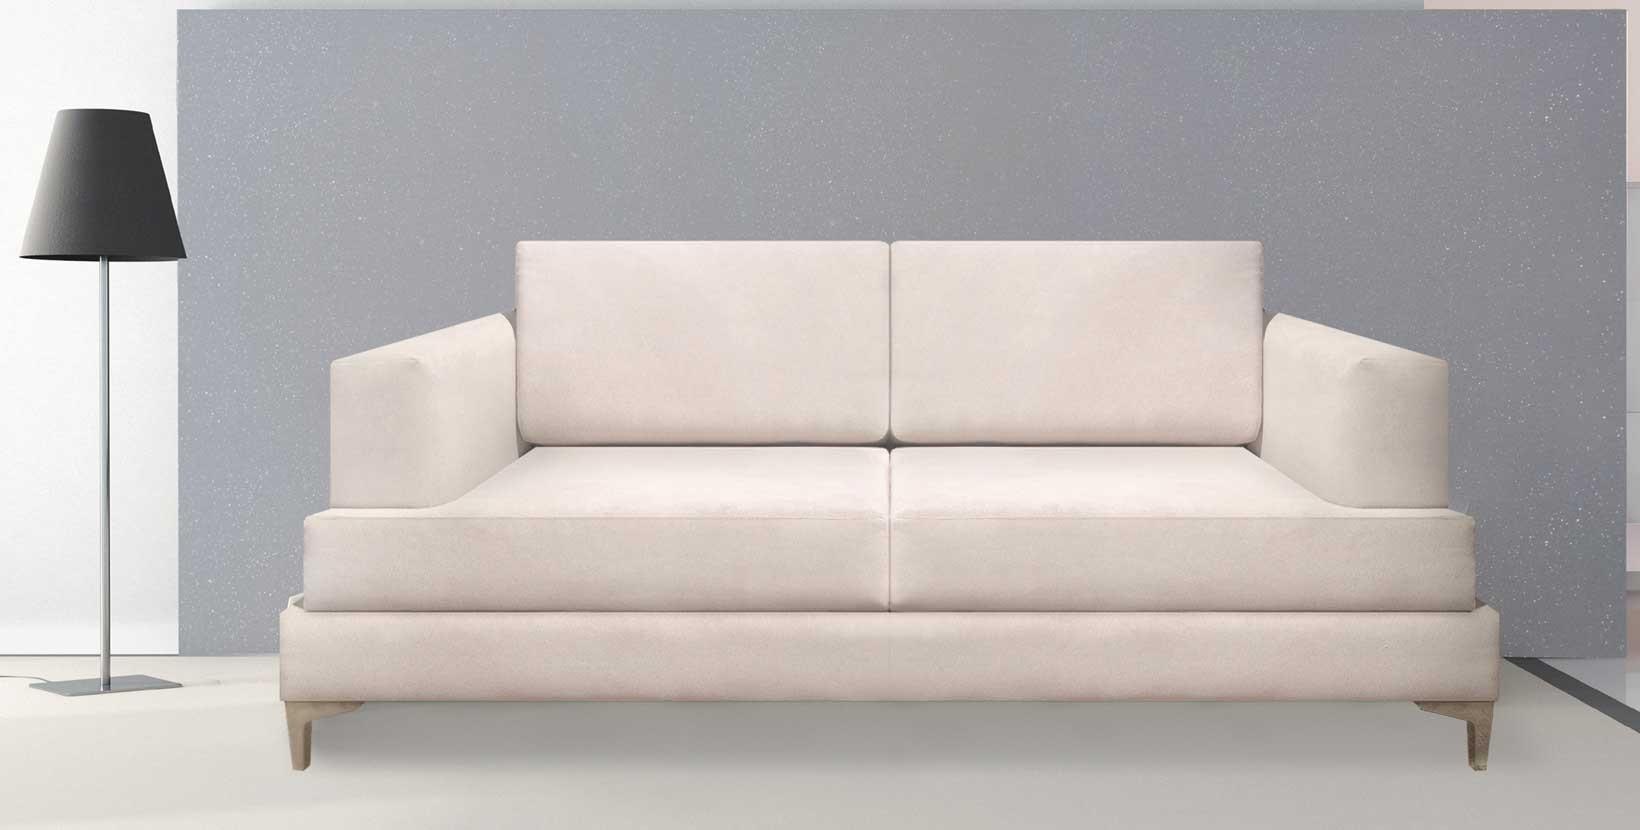 Sofa cama modelo laura 2 y 3 cuerpos for Sofa cama de 2 cuerpos